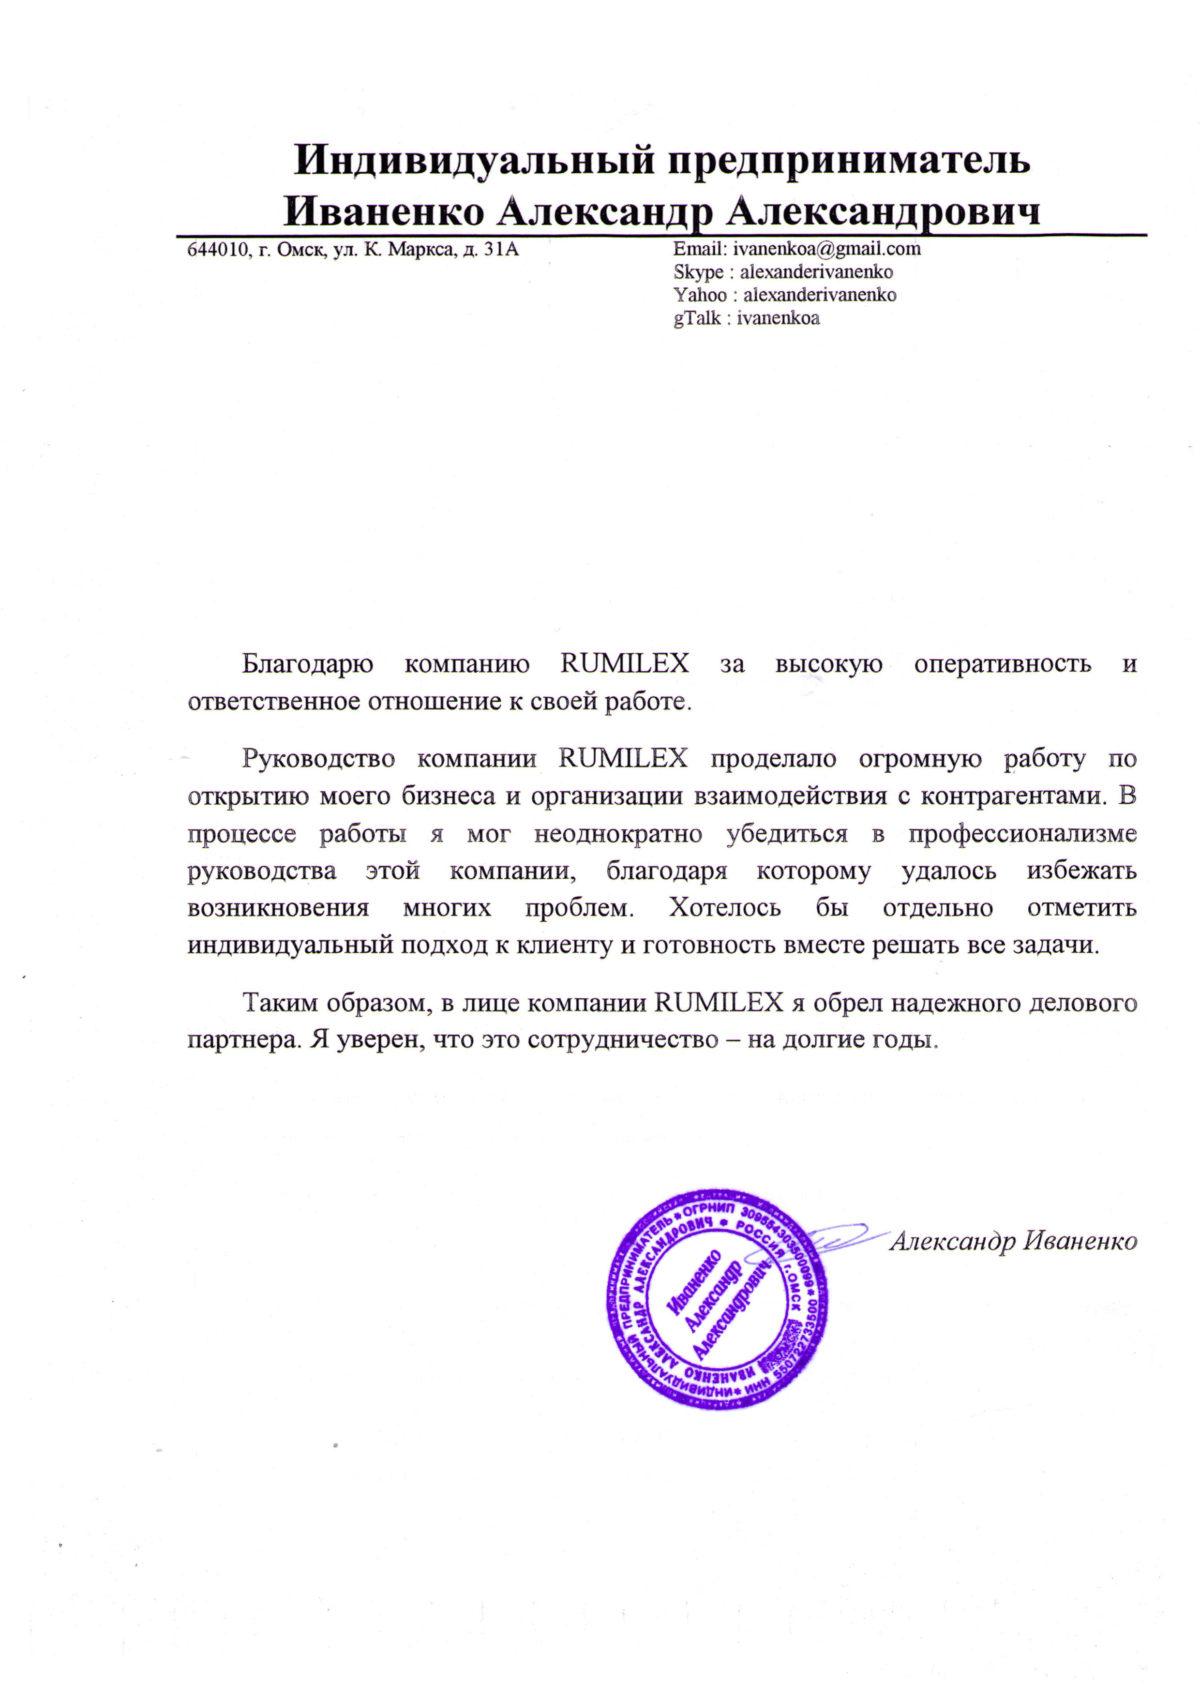 Отзыв ИП Александр Иваненко